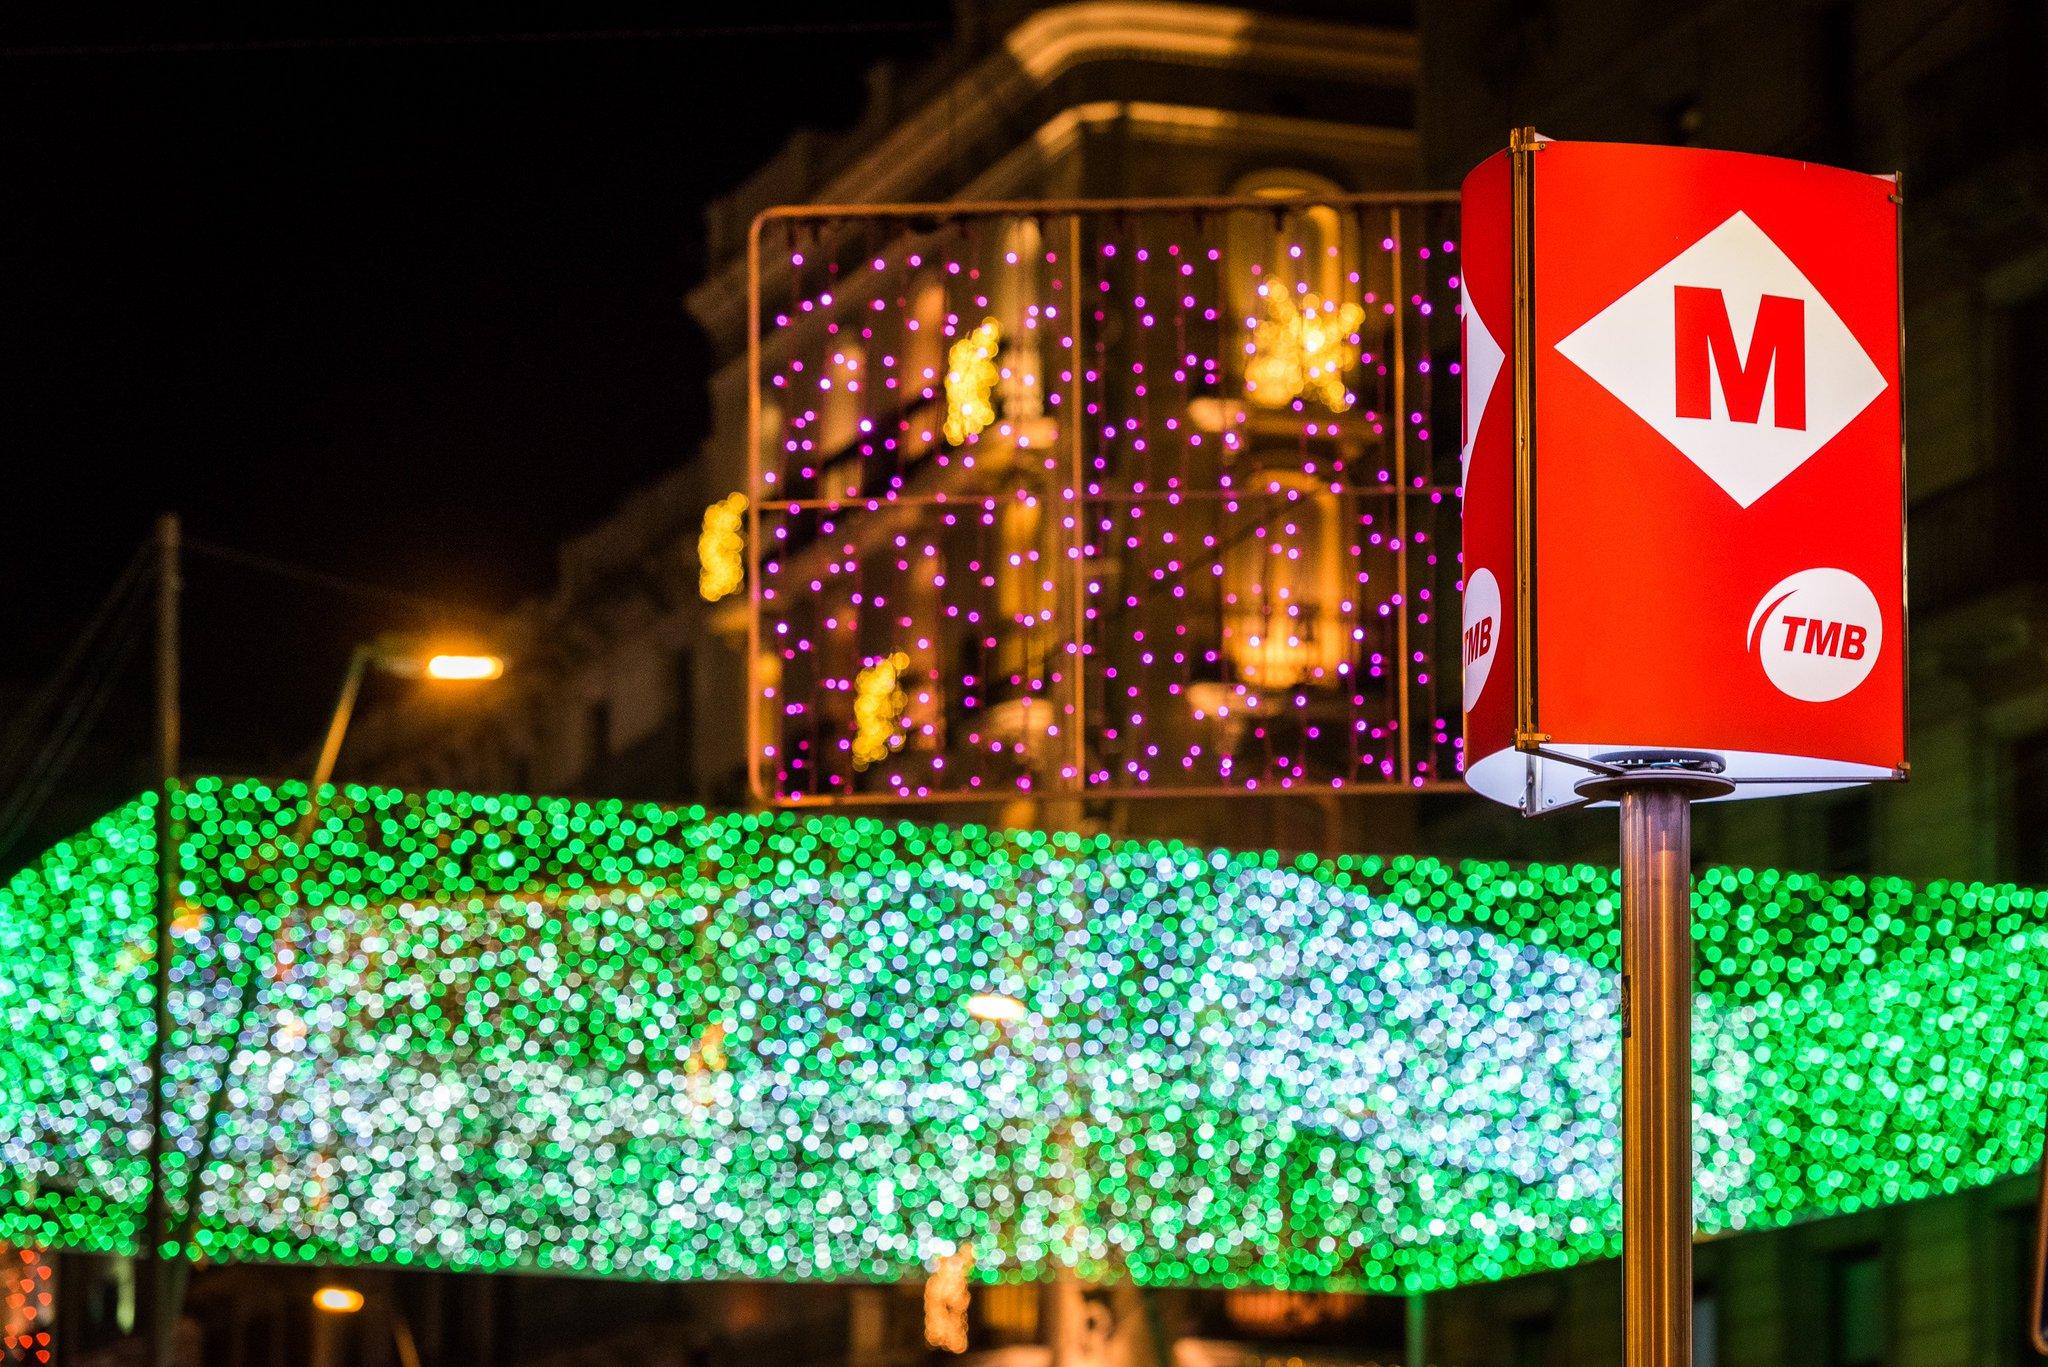 Et desitgem un feliç Any Nou! Per celebrar l'arribada del 2018 i durant tot l'any utilitza el transport públic #metrobcn #busbcn #viuelnadal. Viu el #capdanyBCN! https://t.co/8JBbSELHP9